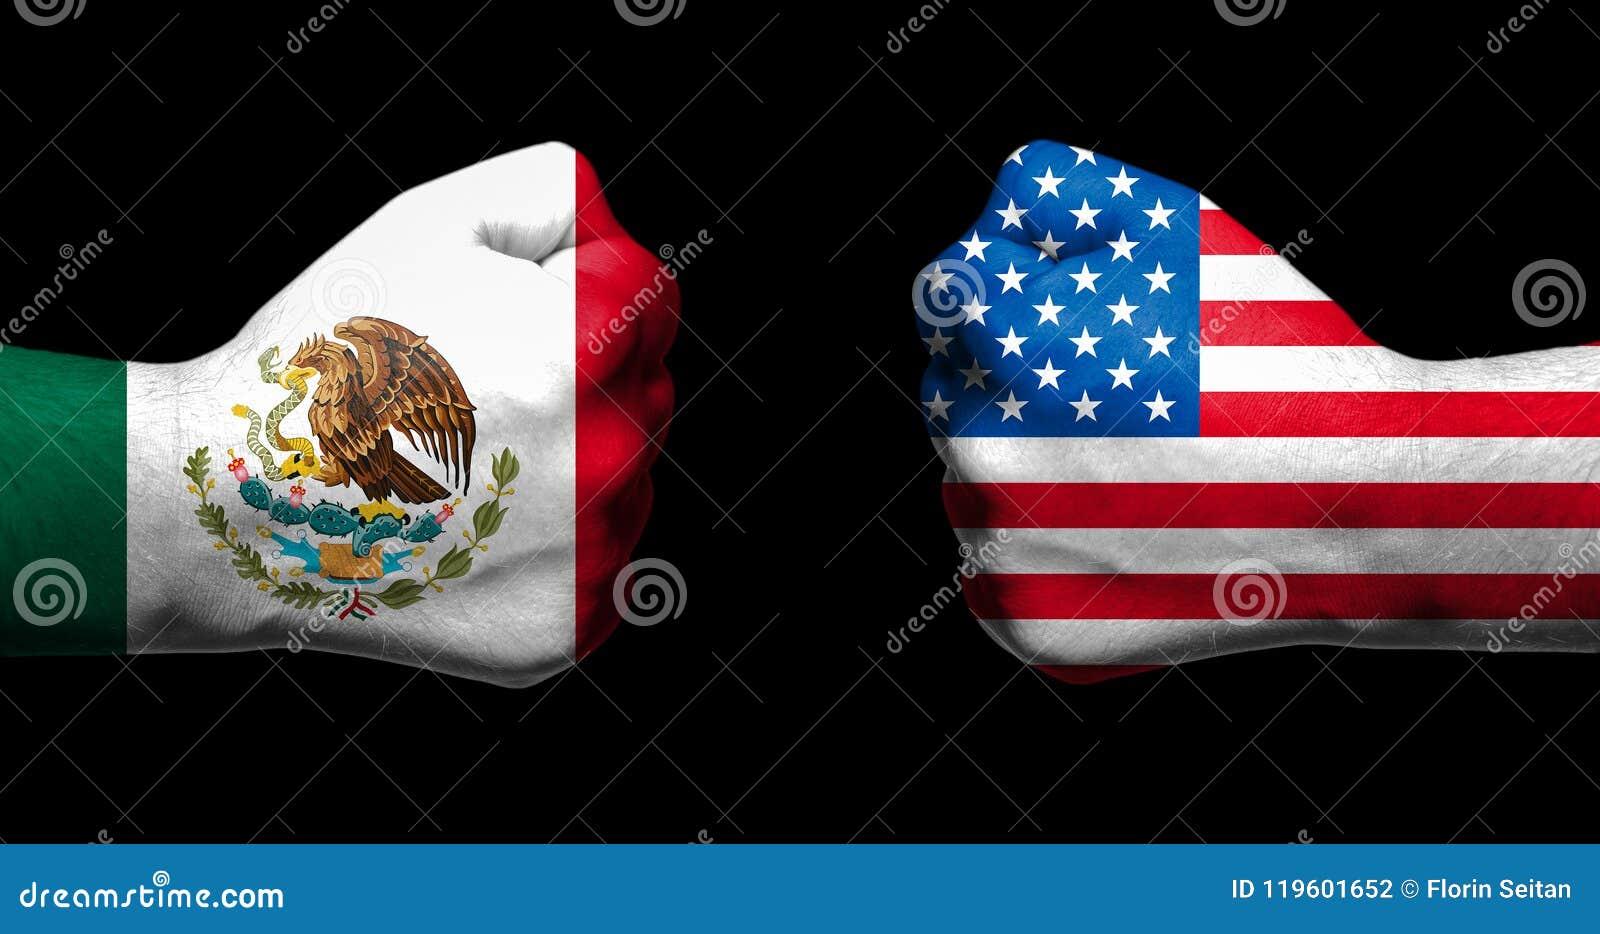 Flaga Meksyk i Stany Zjednoczone malujący na dwa zaciskali pięści stawia czoło each inny na czarnym tle, Meksyk/- usa powiązań co